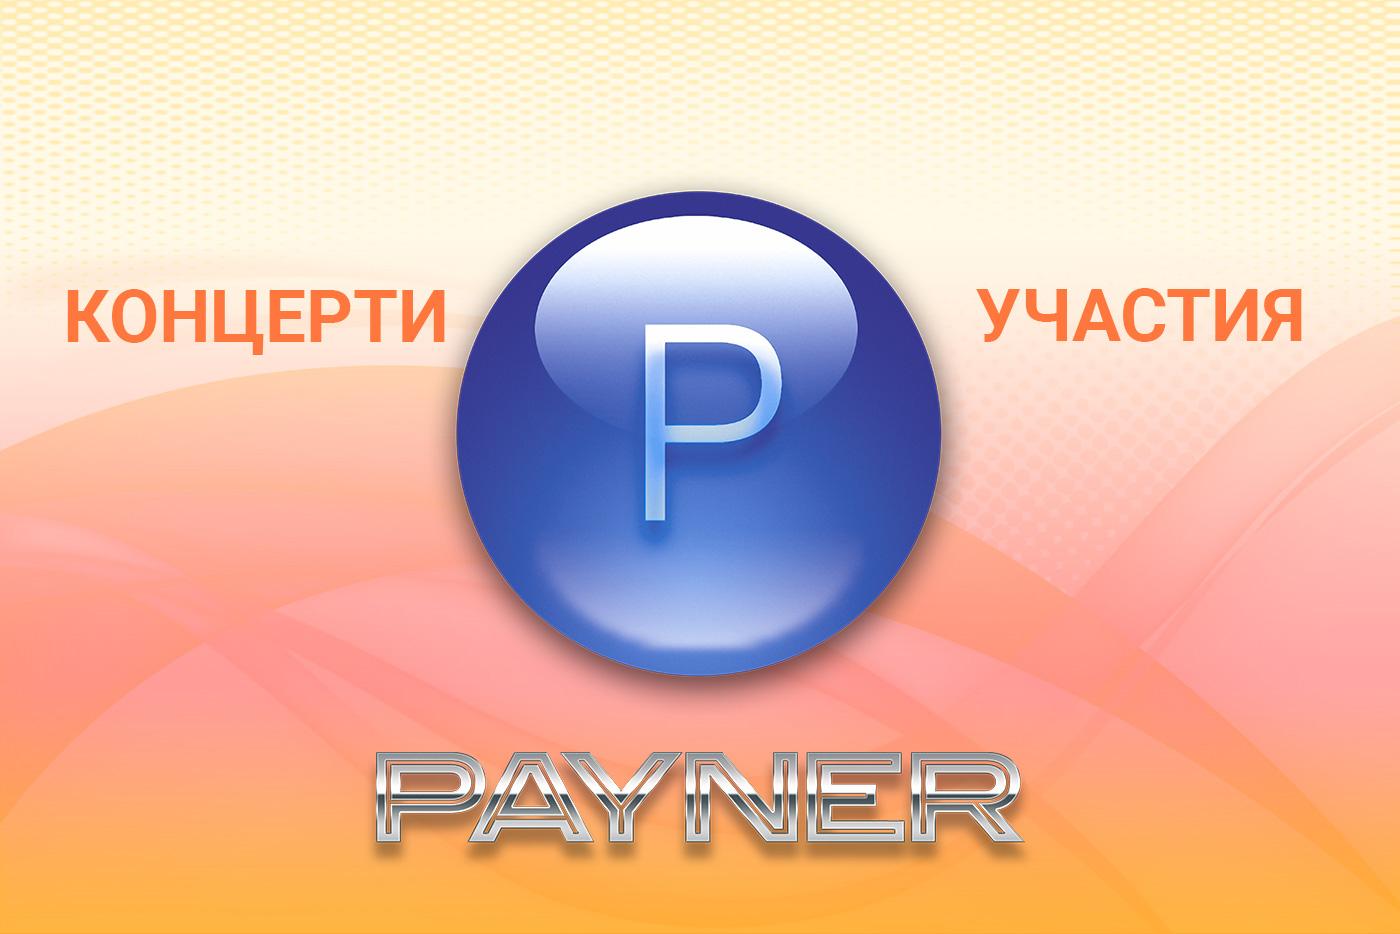 """Участия на звездите на """"Пайнер"""" на 28.06.2019"""